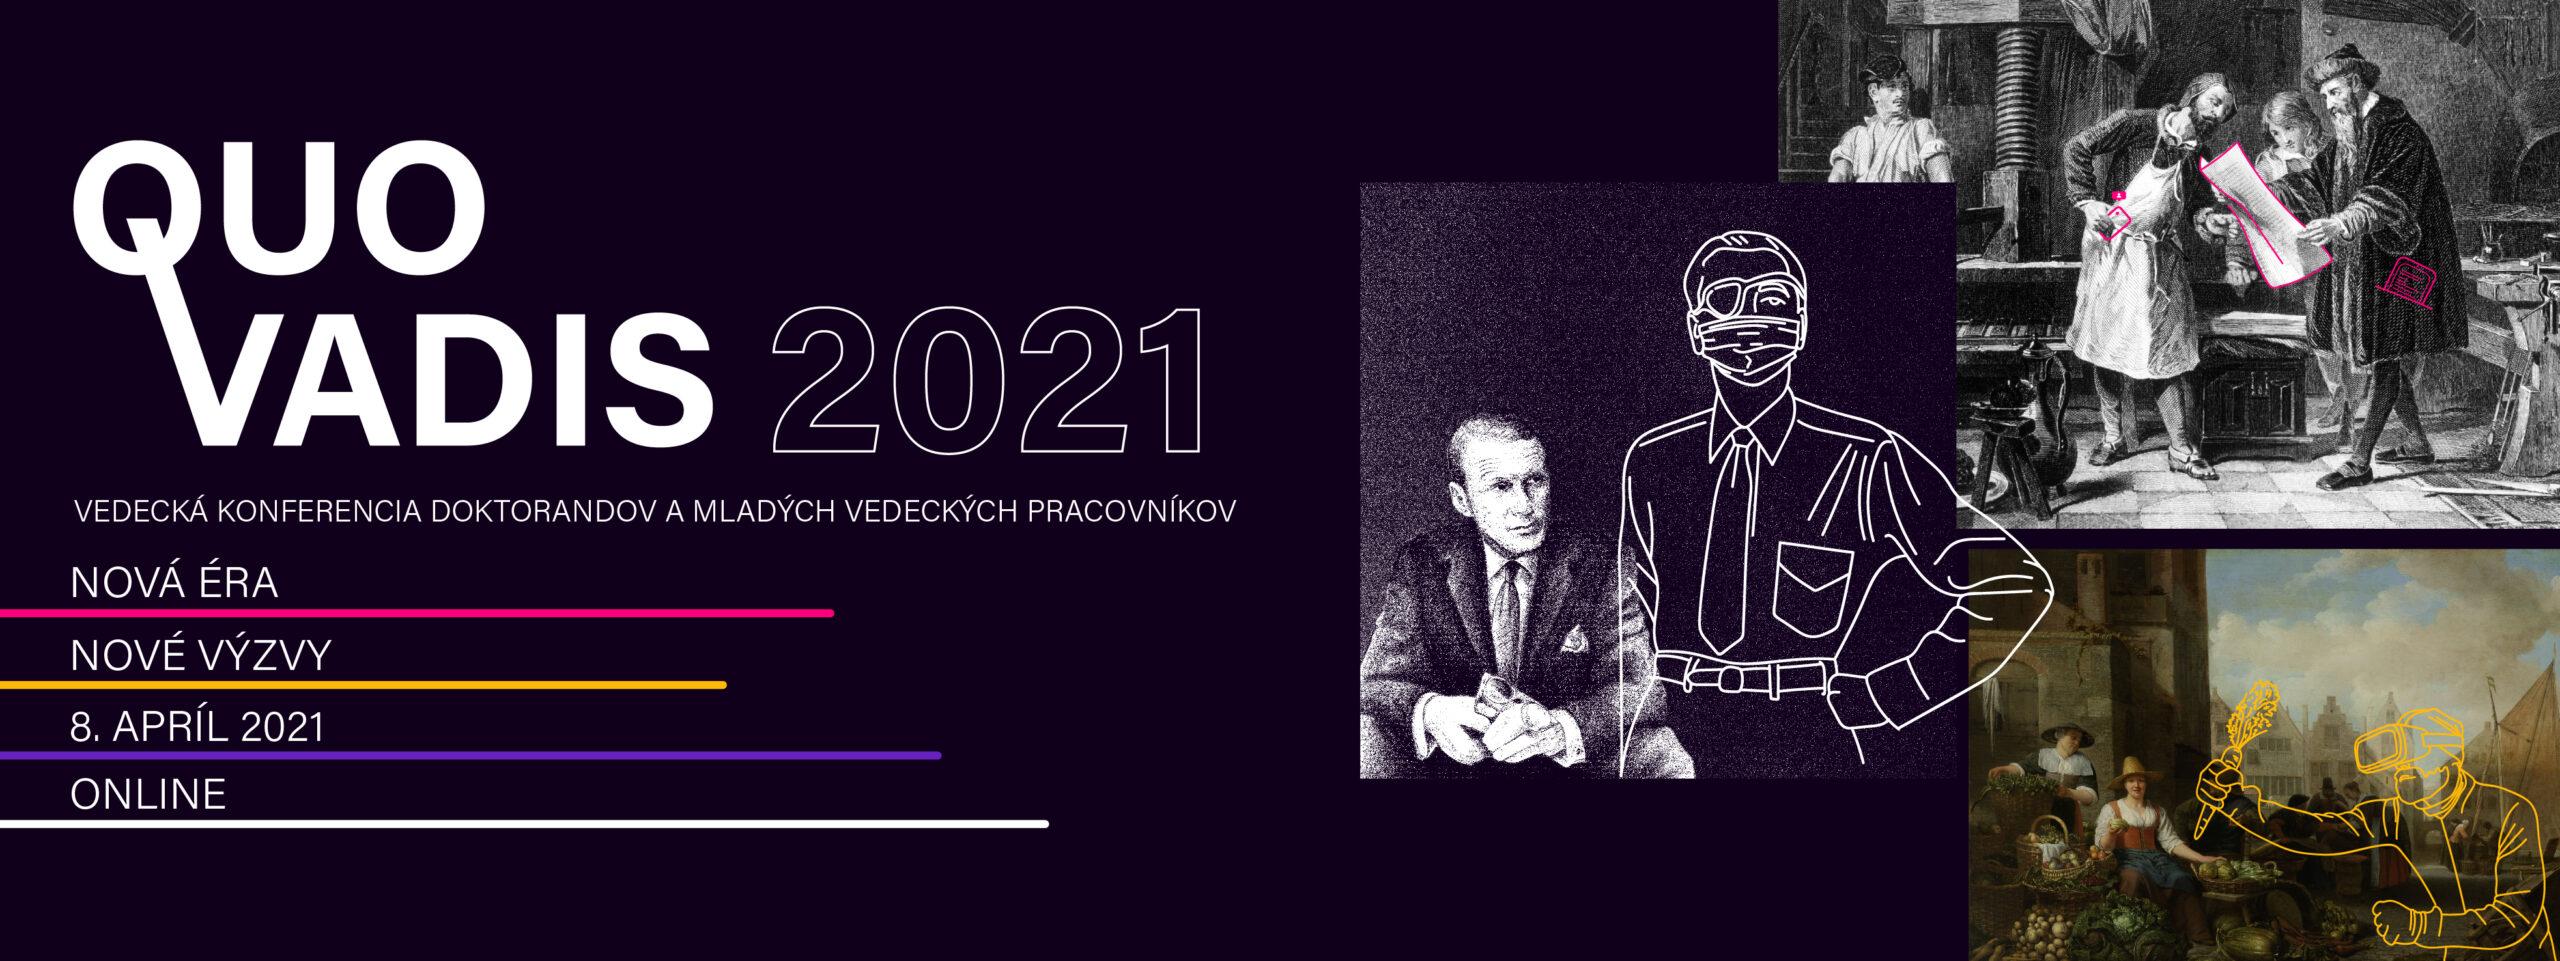 quo vadis 2021